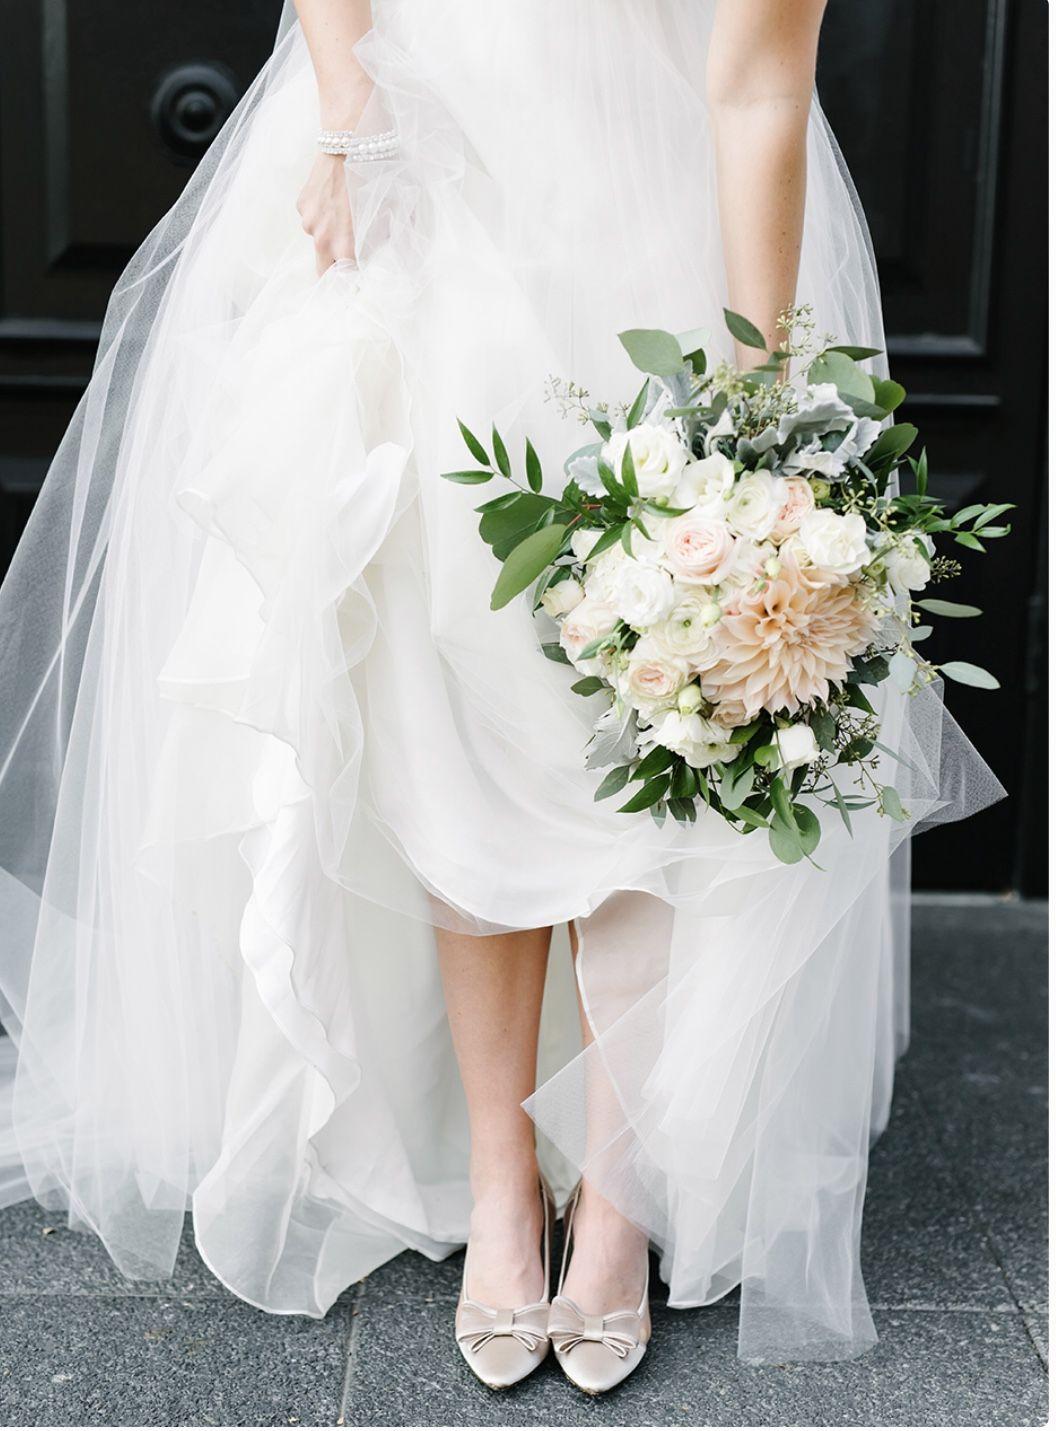 Pin by jillian diebolt on wedding flowers in pinterest